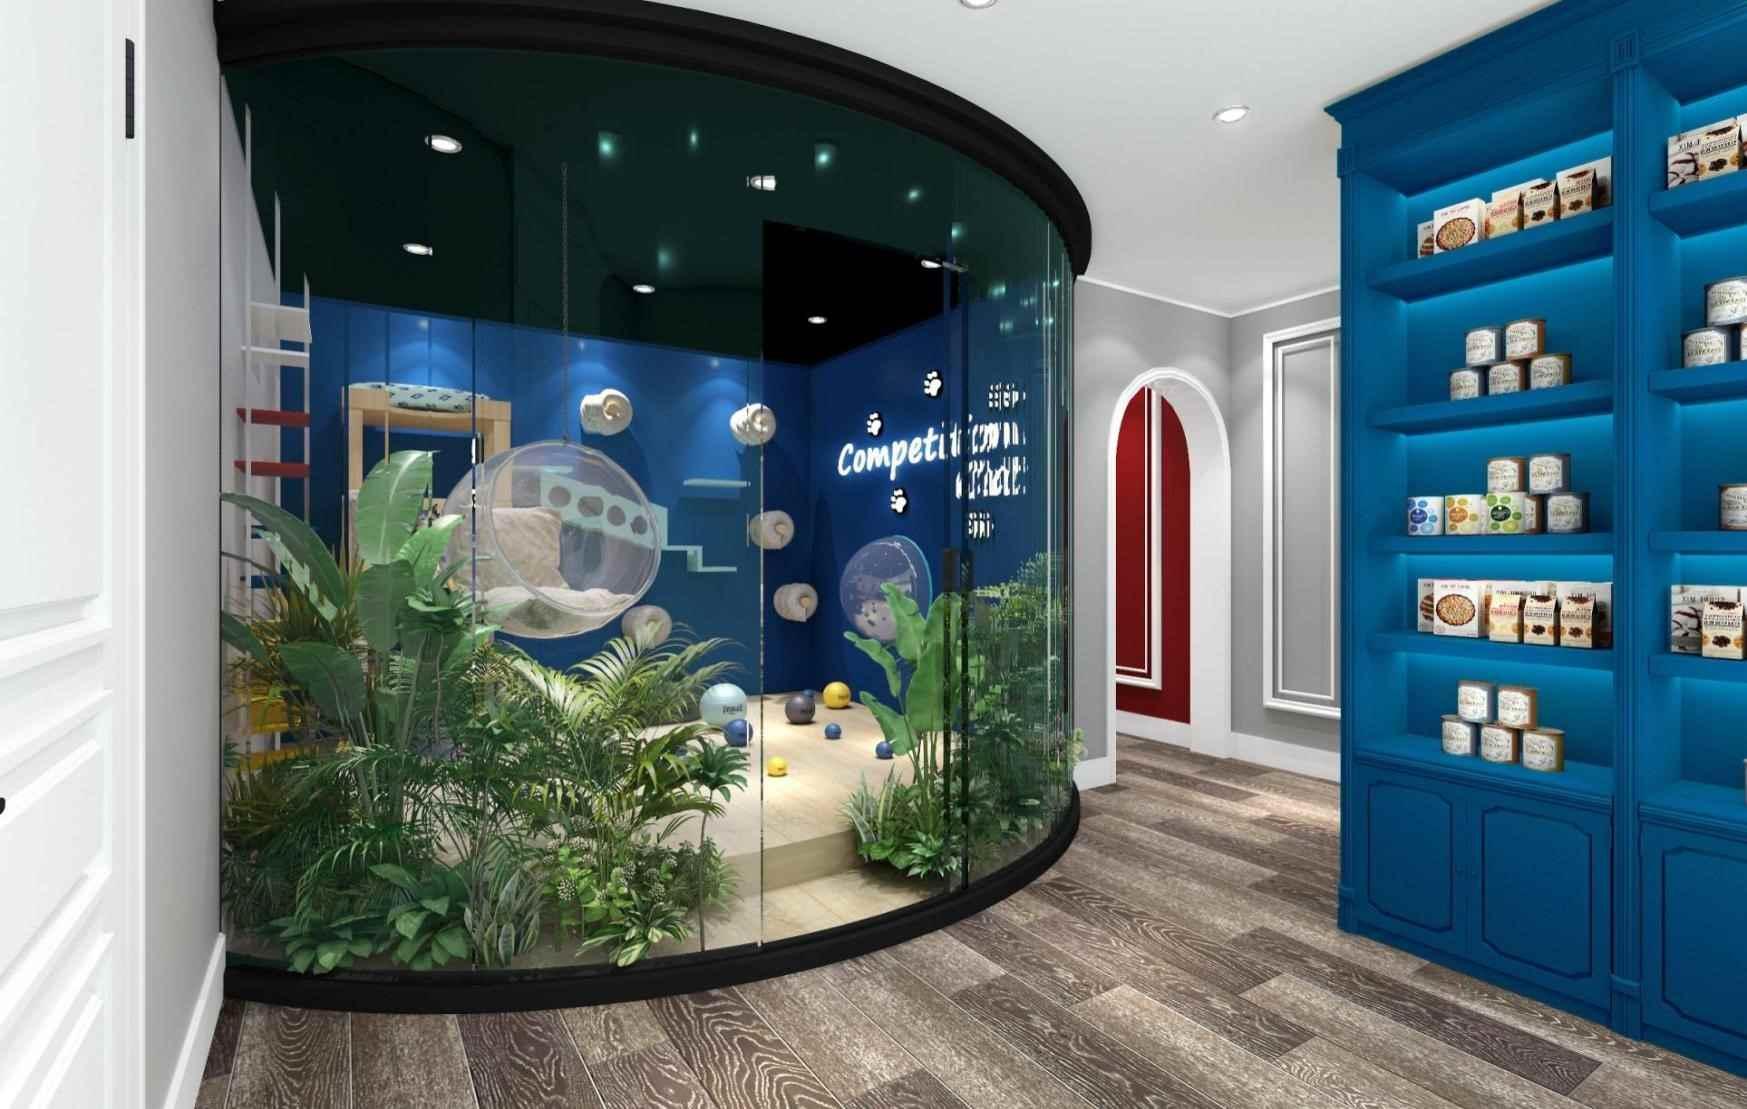 该猫舍以蓝色为主题,欧式风格,主销售布偶猫,蓝白相间让整个猫舍显得干净高端,搭配线条、拱形把欧式风格凸显,映衬布偶猫的高贵气质。